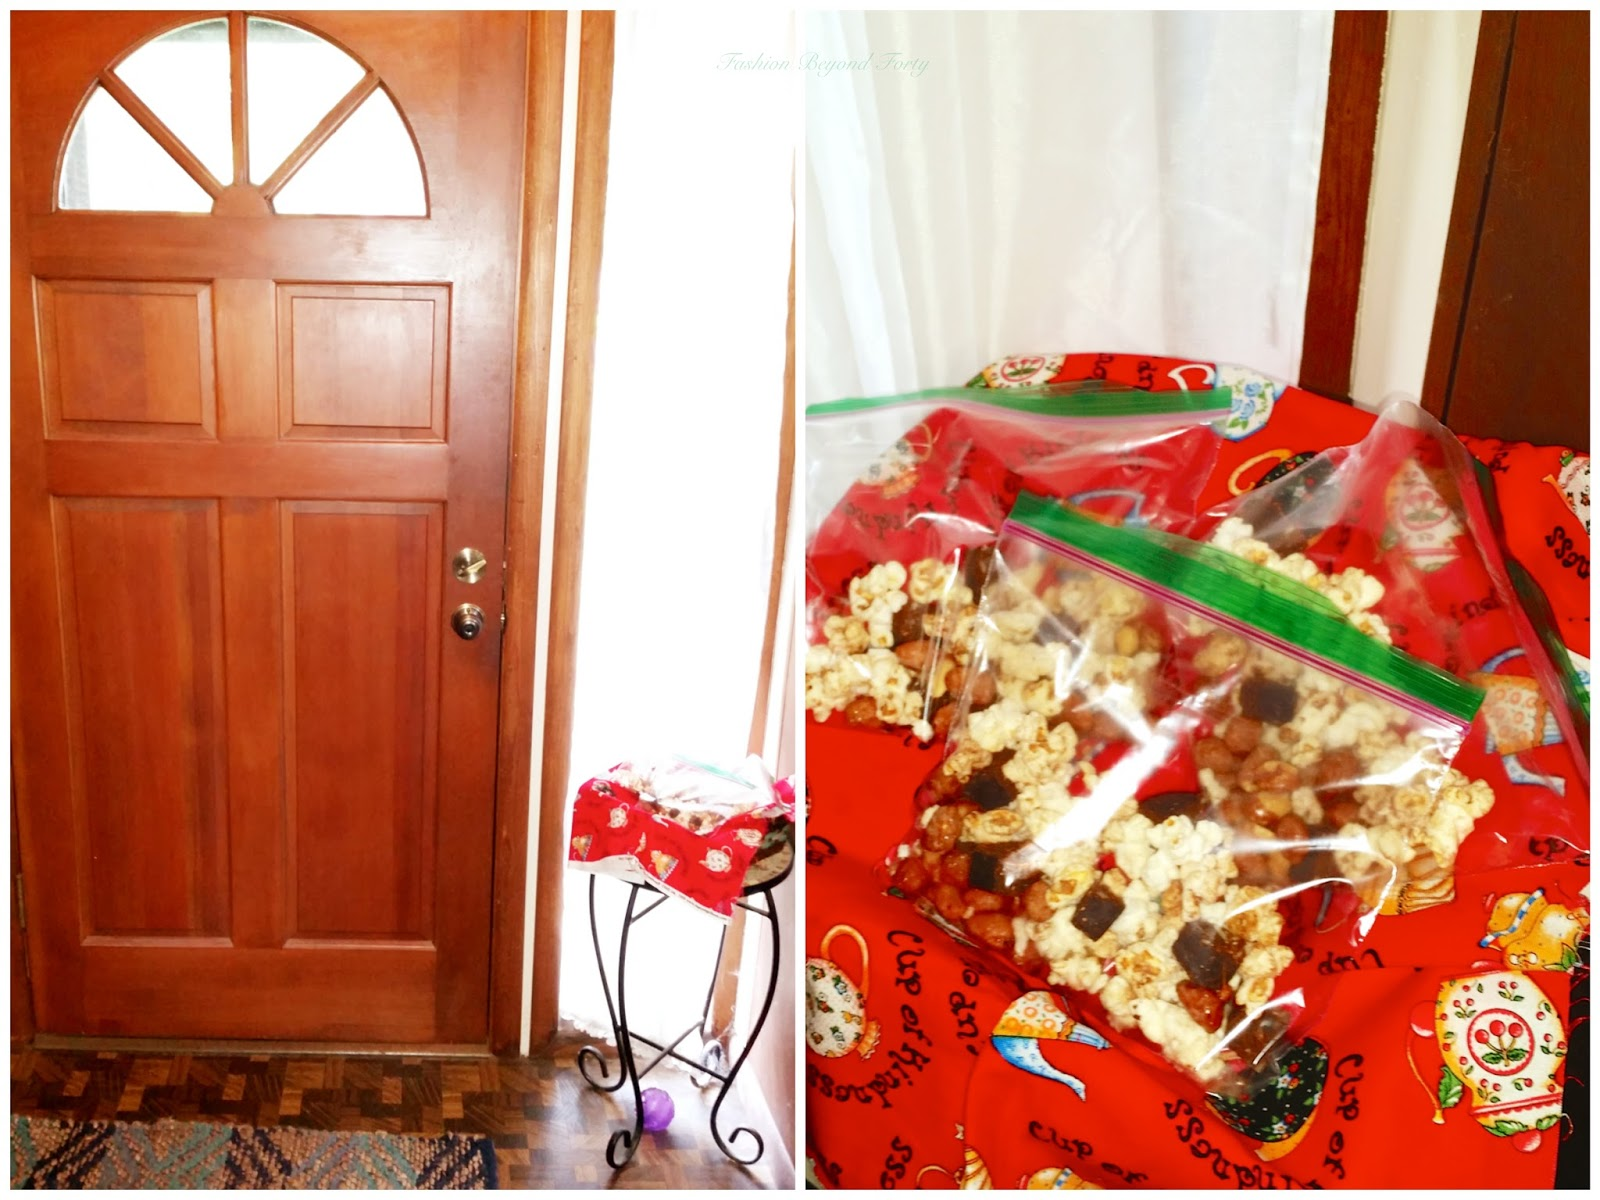 Snacks by the front door